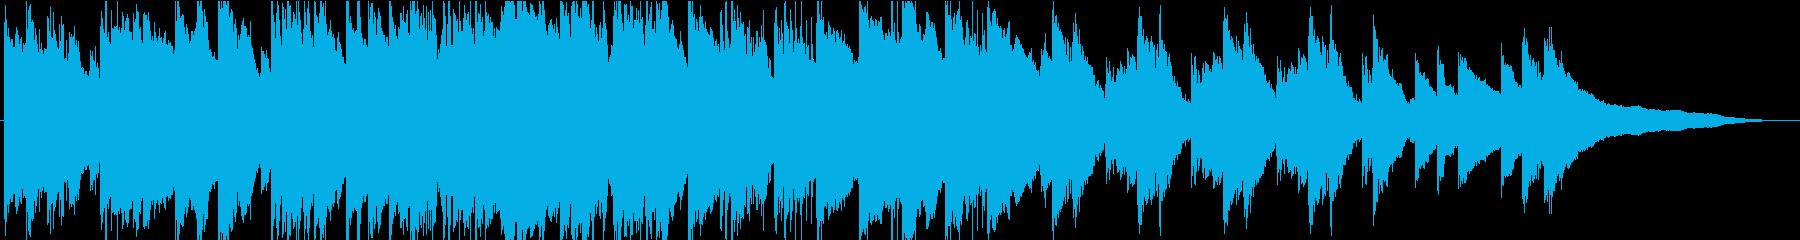 忍び寄る影…クラシック調の不気味なBGMの再生済みの波形